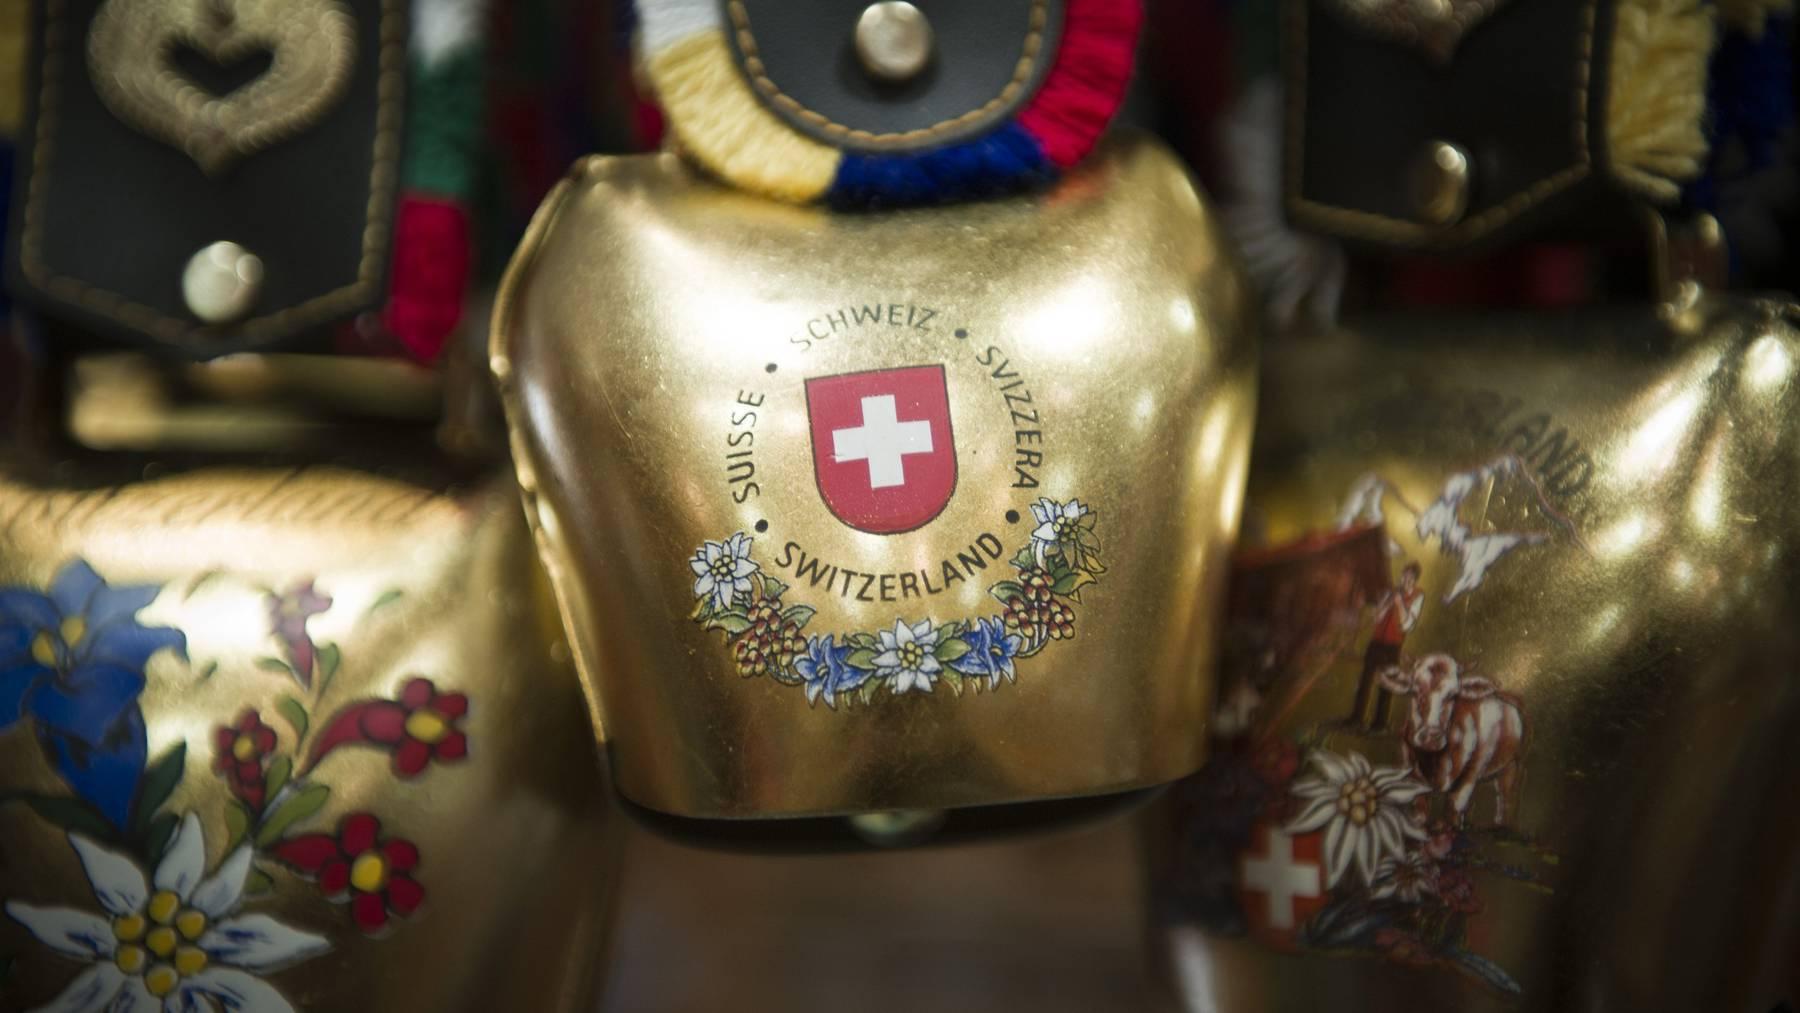 Ein 29-jähriger Schweizer hat den Glocken-Diebstahl zugegeben.  (Symbolbild)